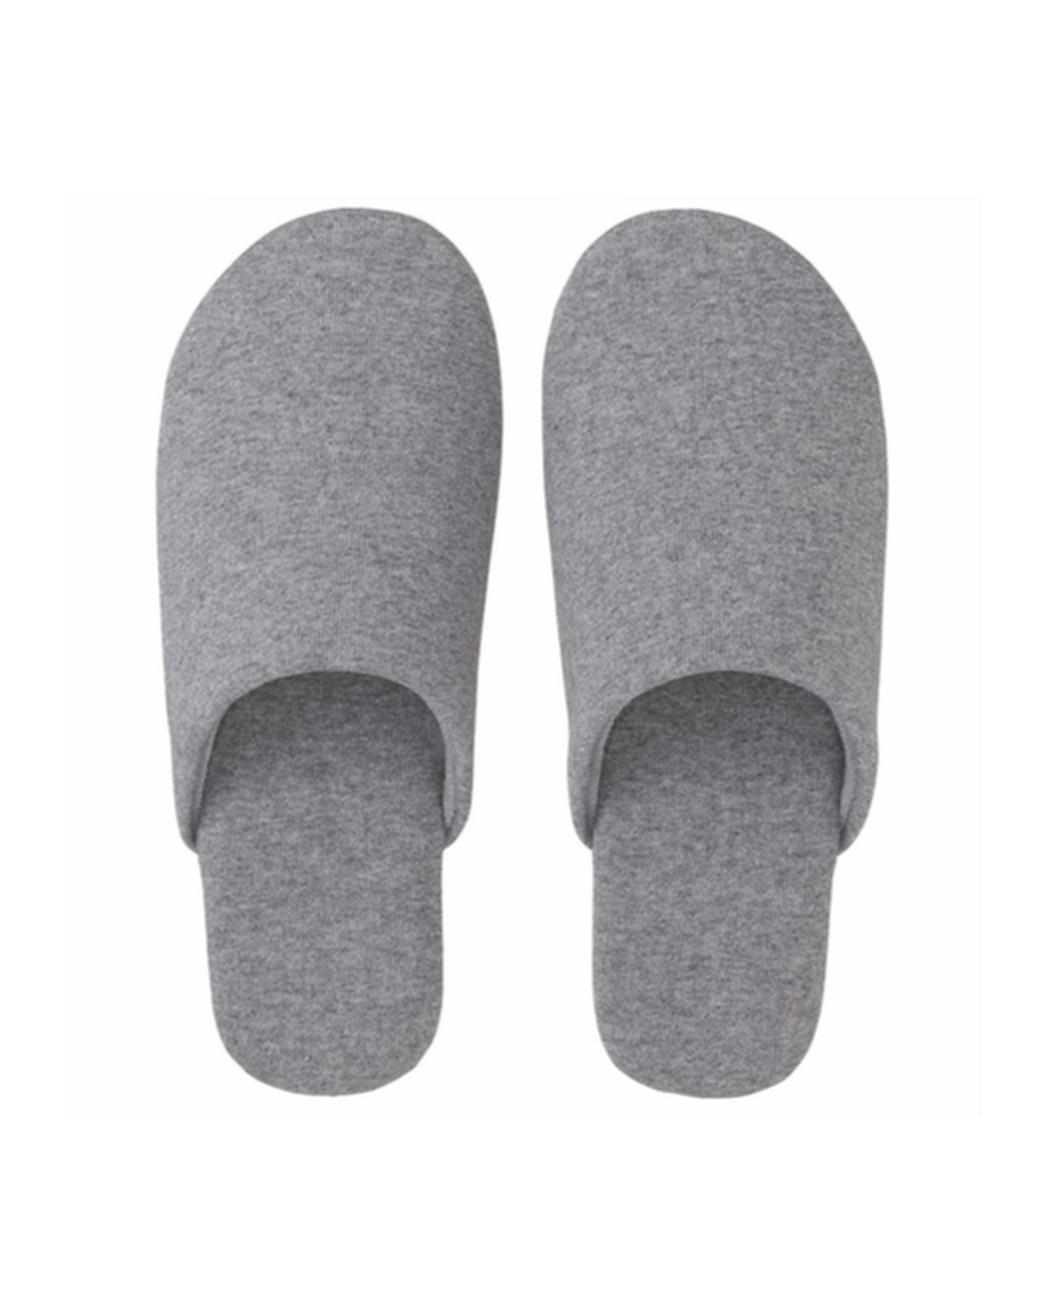 stocking-stuffer-slippers-1218